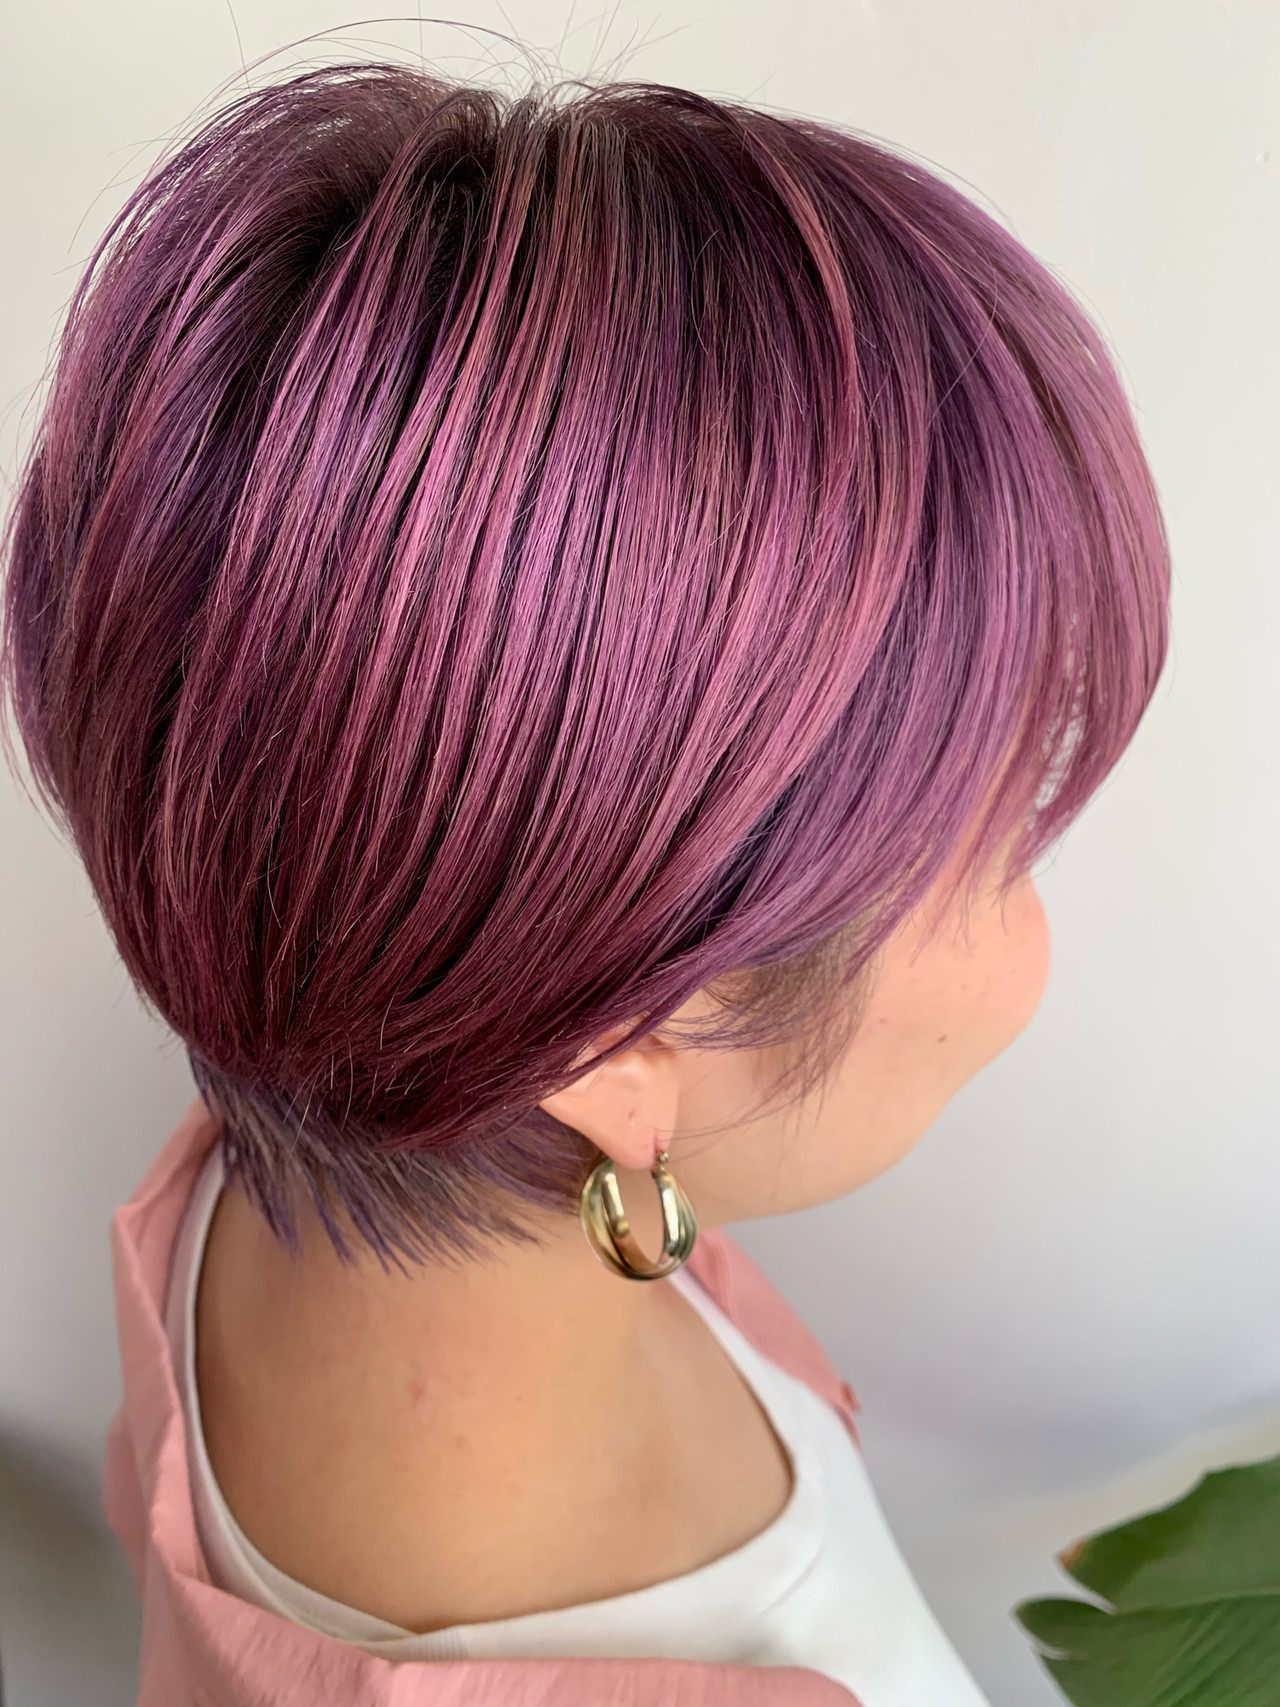 カシスカラー ショート フェミニン ベリーピンクヘアスタイルや髪型の写真・画像